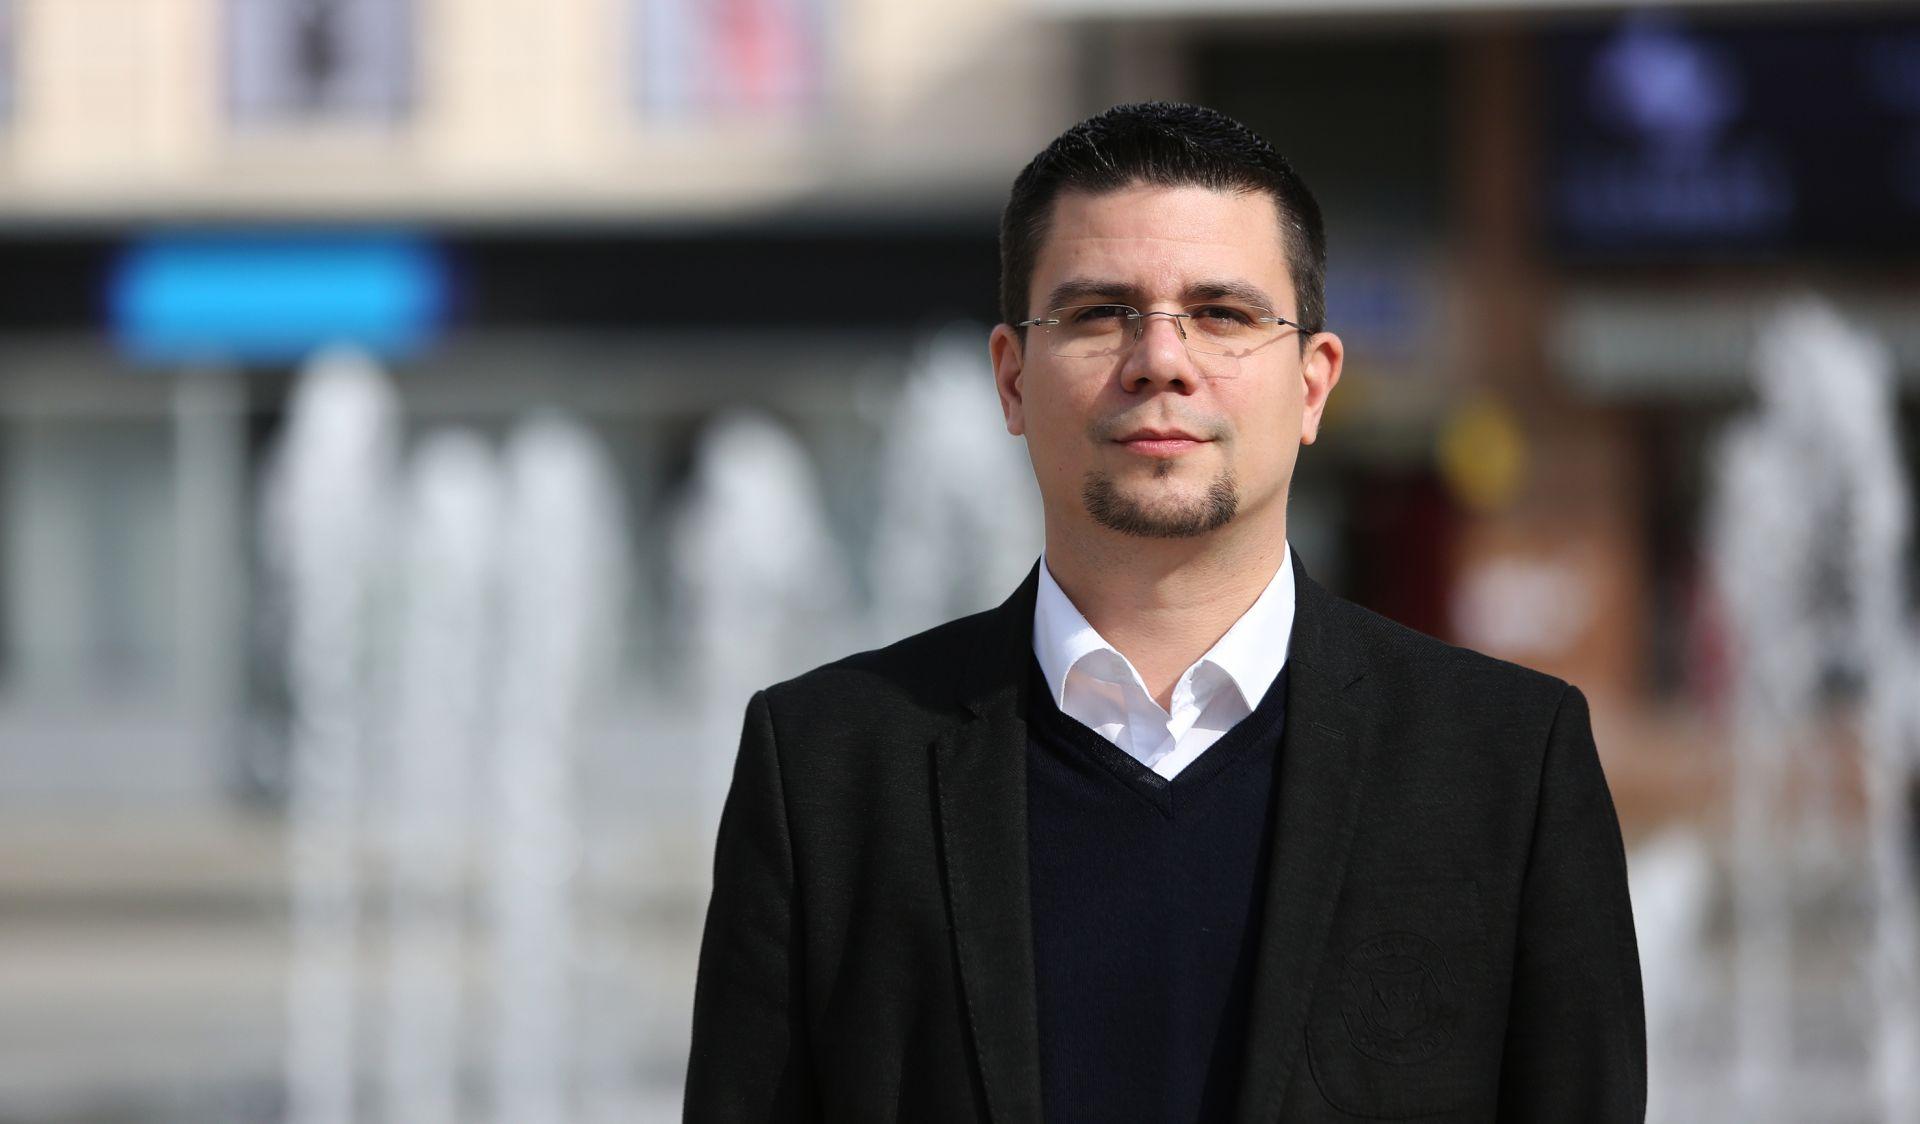 TREĆI KANDIDAT Domagoj Hajduković potvrdio kandidaturu za predsjednika SDP-a